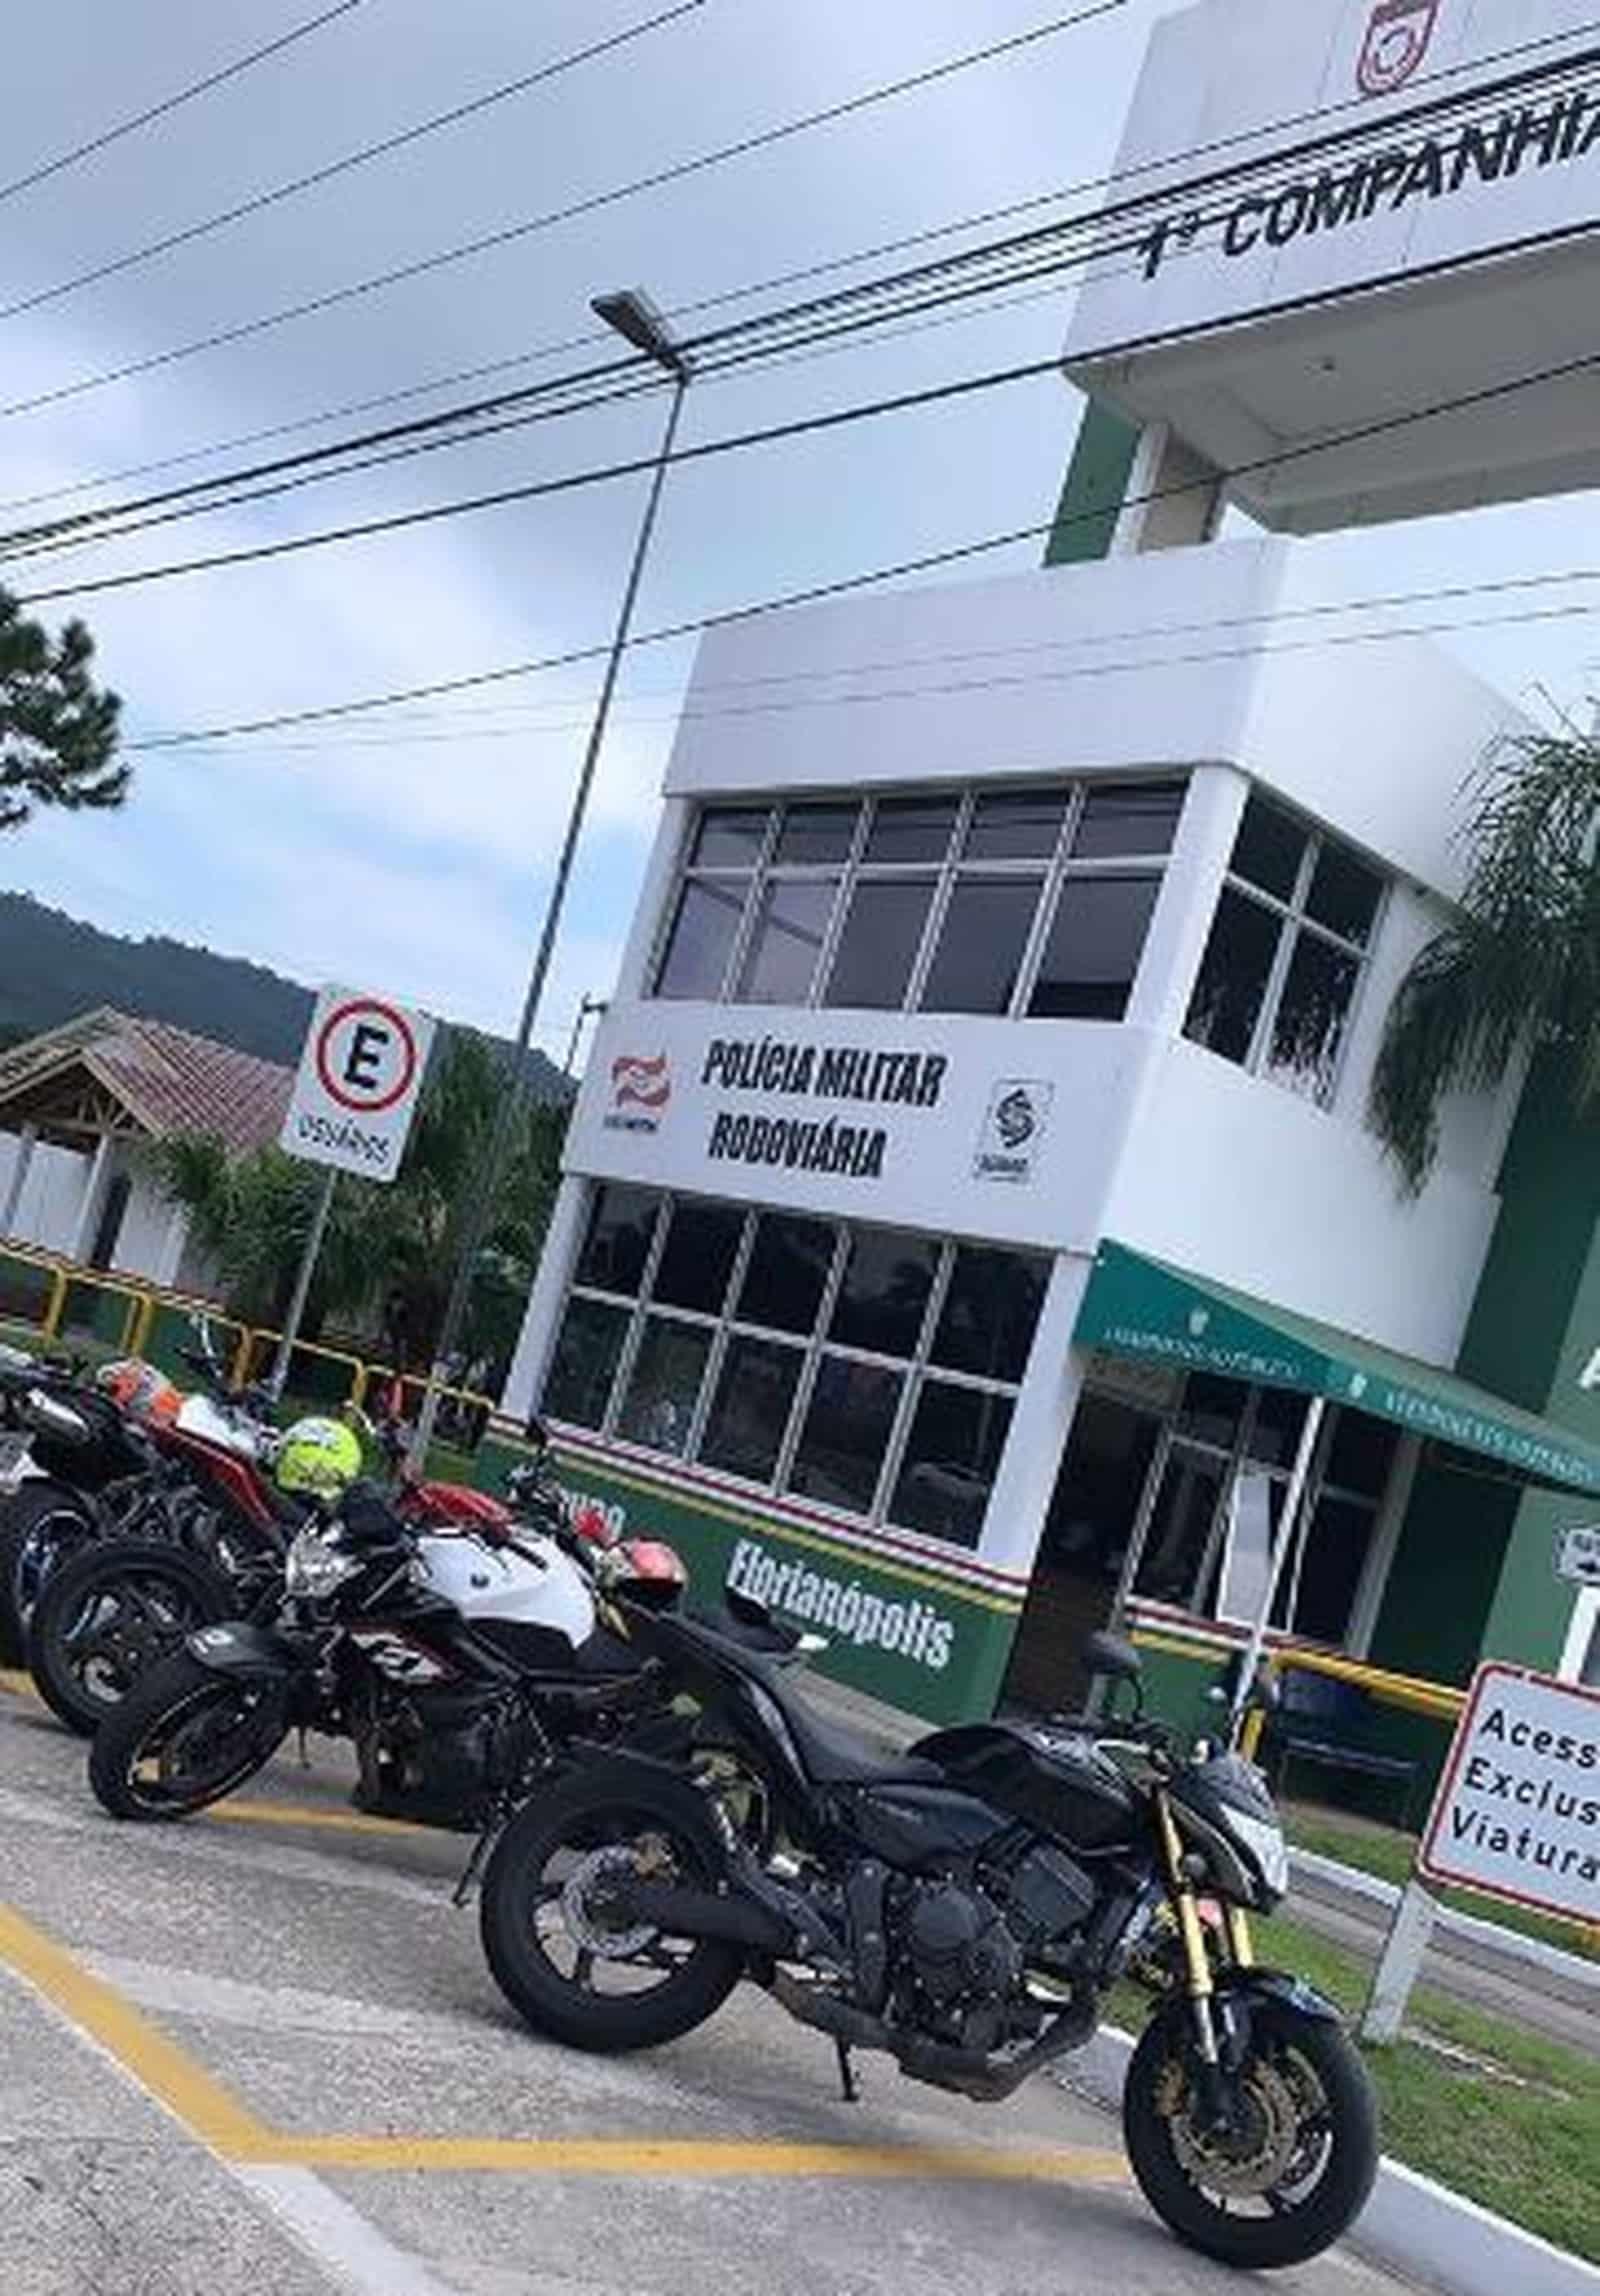 Motos são apreendidas em Florianópolis pela PMRv — Foto: Reprodução/Instagram